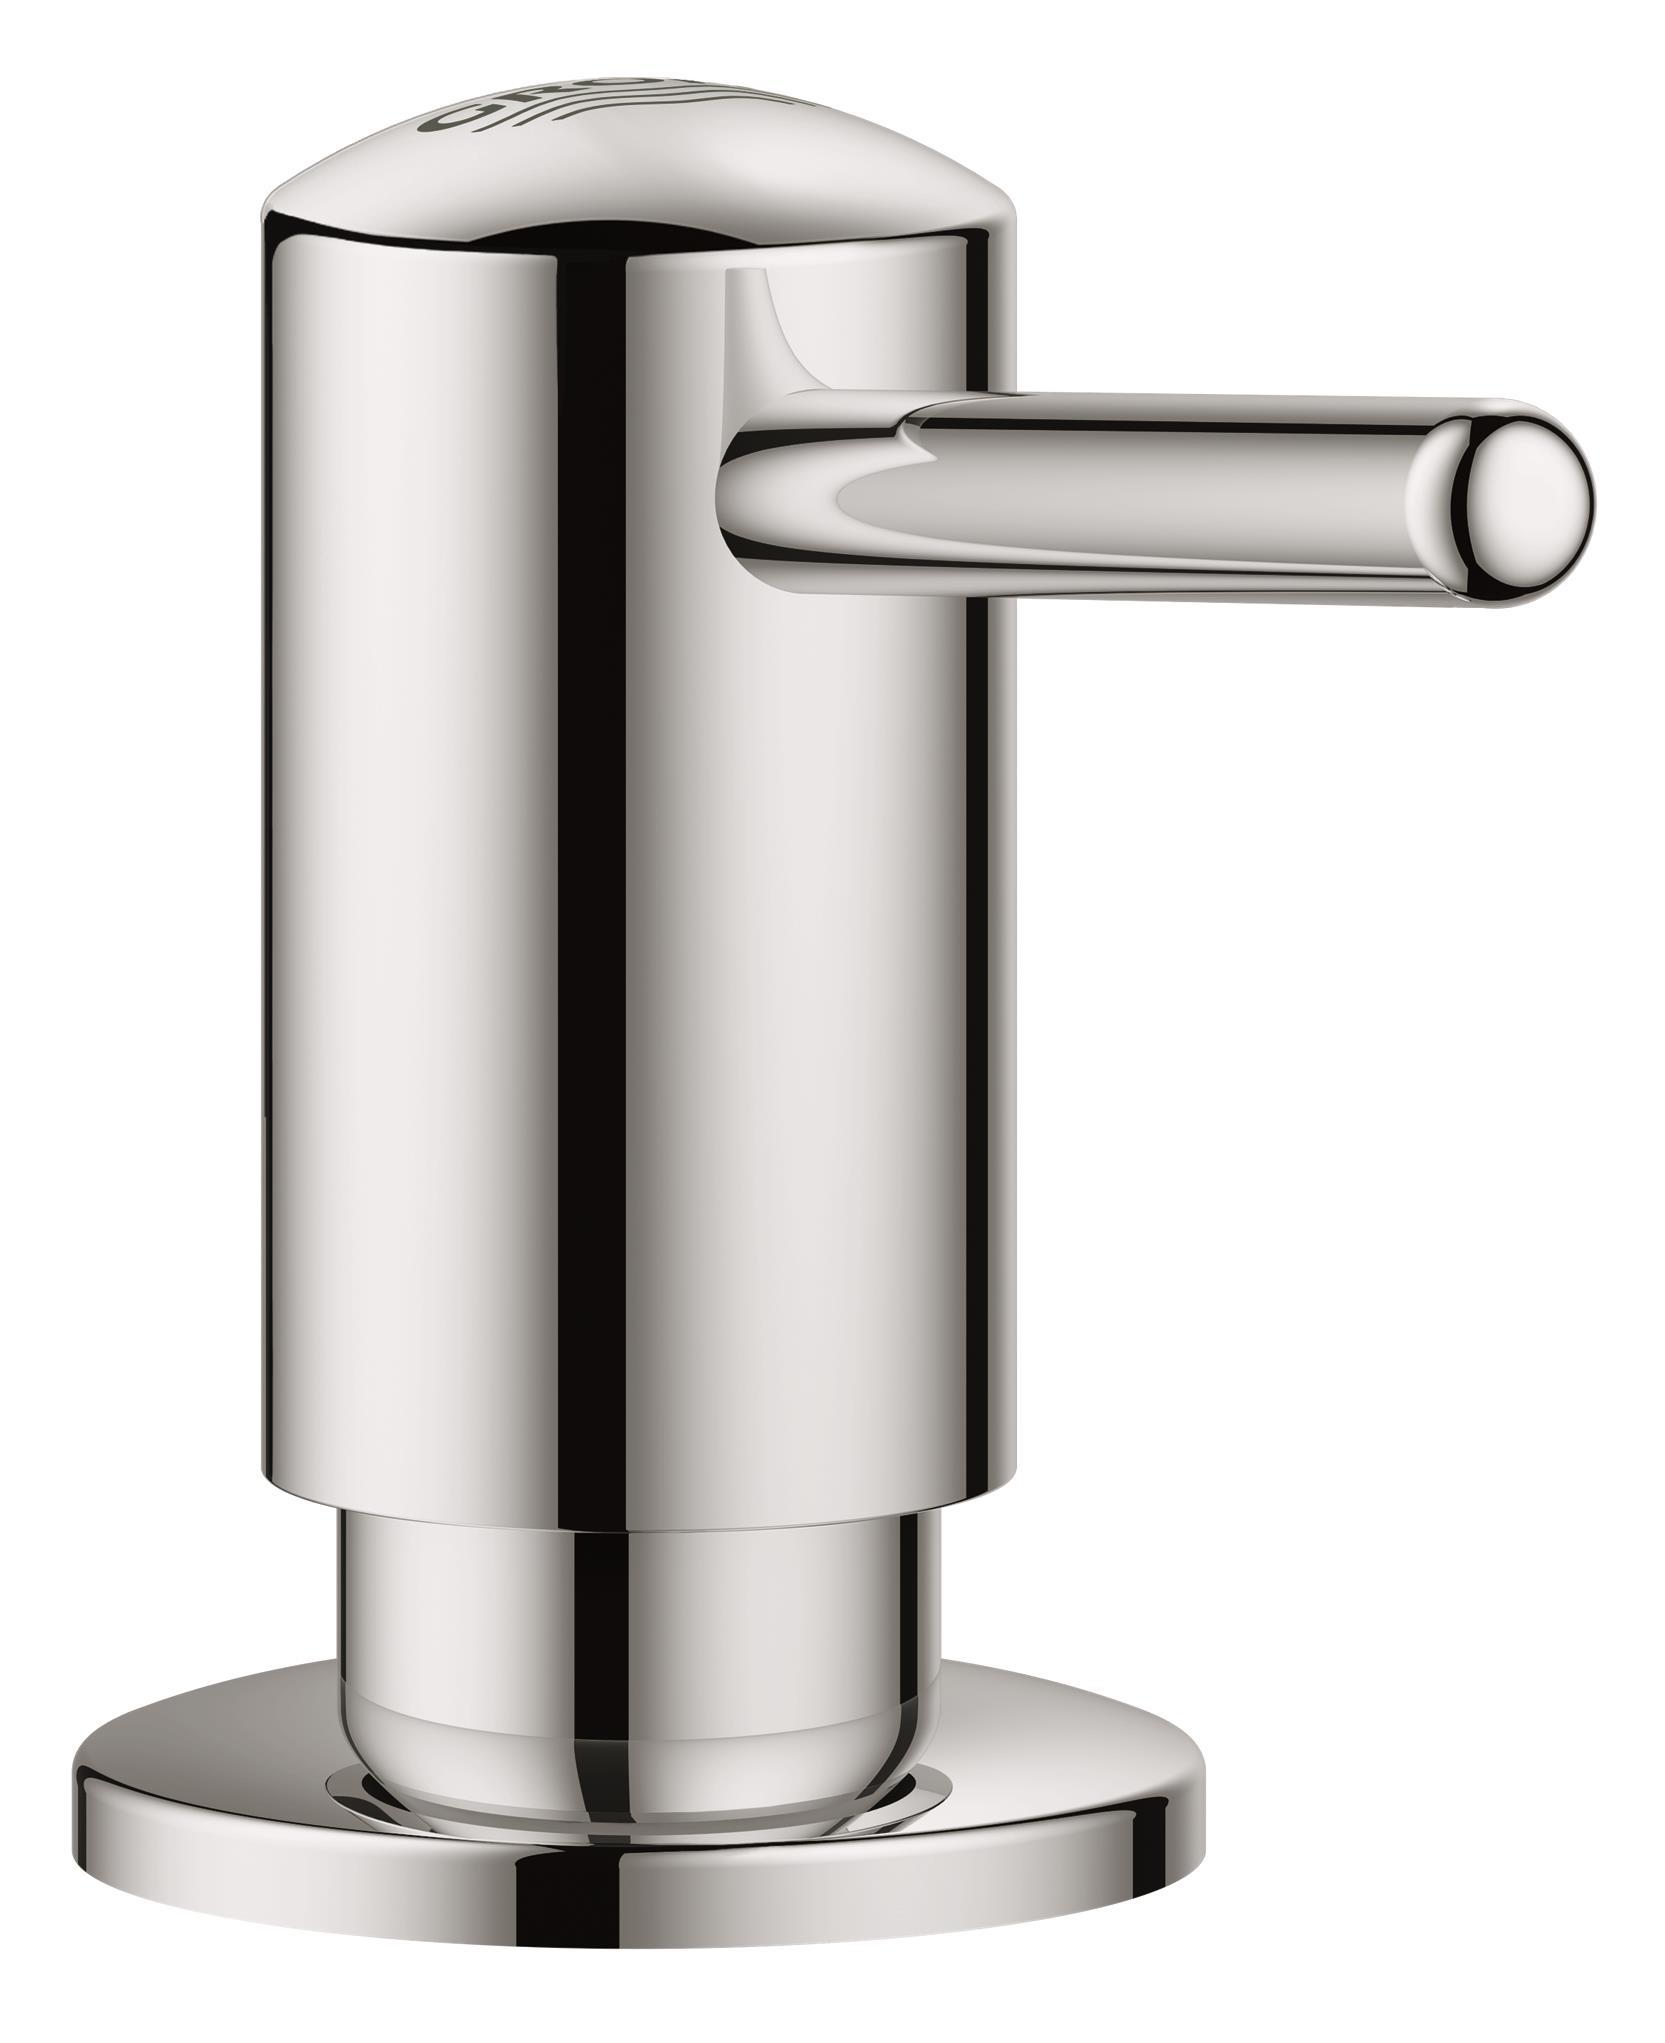 Дозатор жидкого мыла Grohe Contemporary40536000Для жидкого мыла,Запасная емкость 0,4 лGROHE StarLight хромированная поверхность